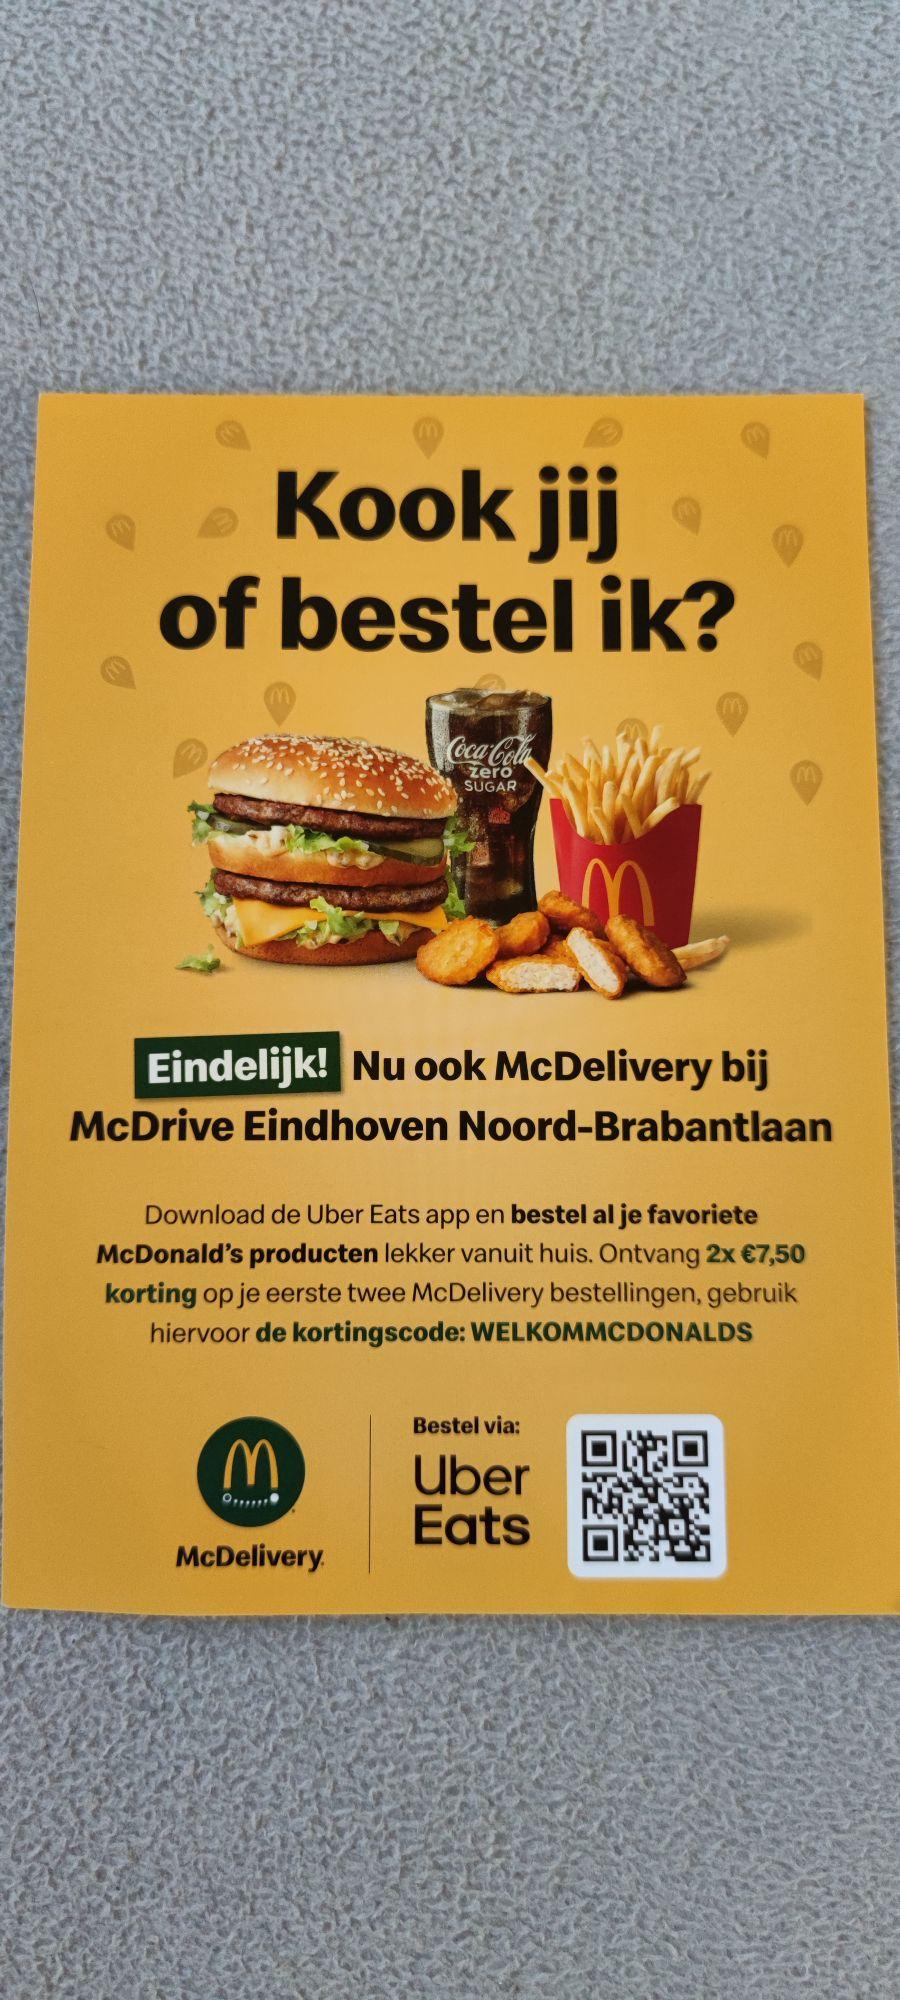 (WAARSCHIJNLIJK ALLEEN LOKAAL, EINDHOVEN) 2x €7.50 korting bij McDonalds Noord Brabantlaan via Uber eats